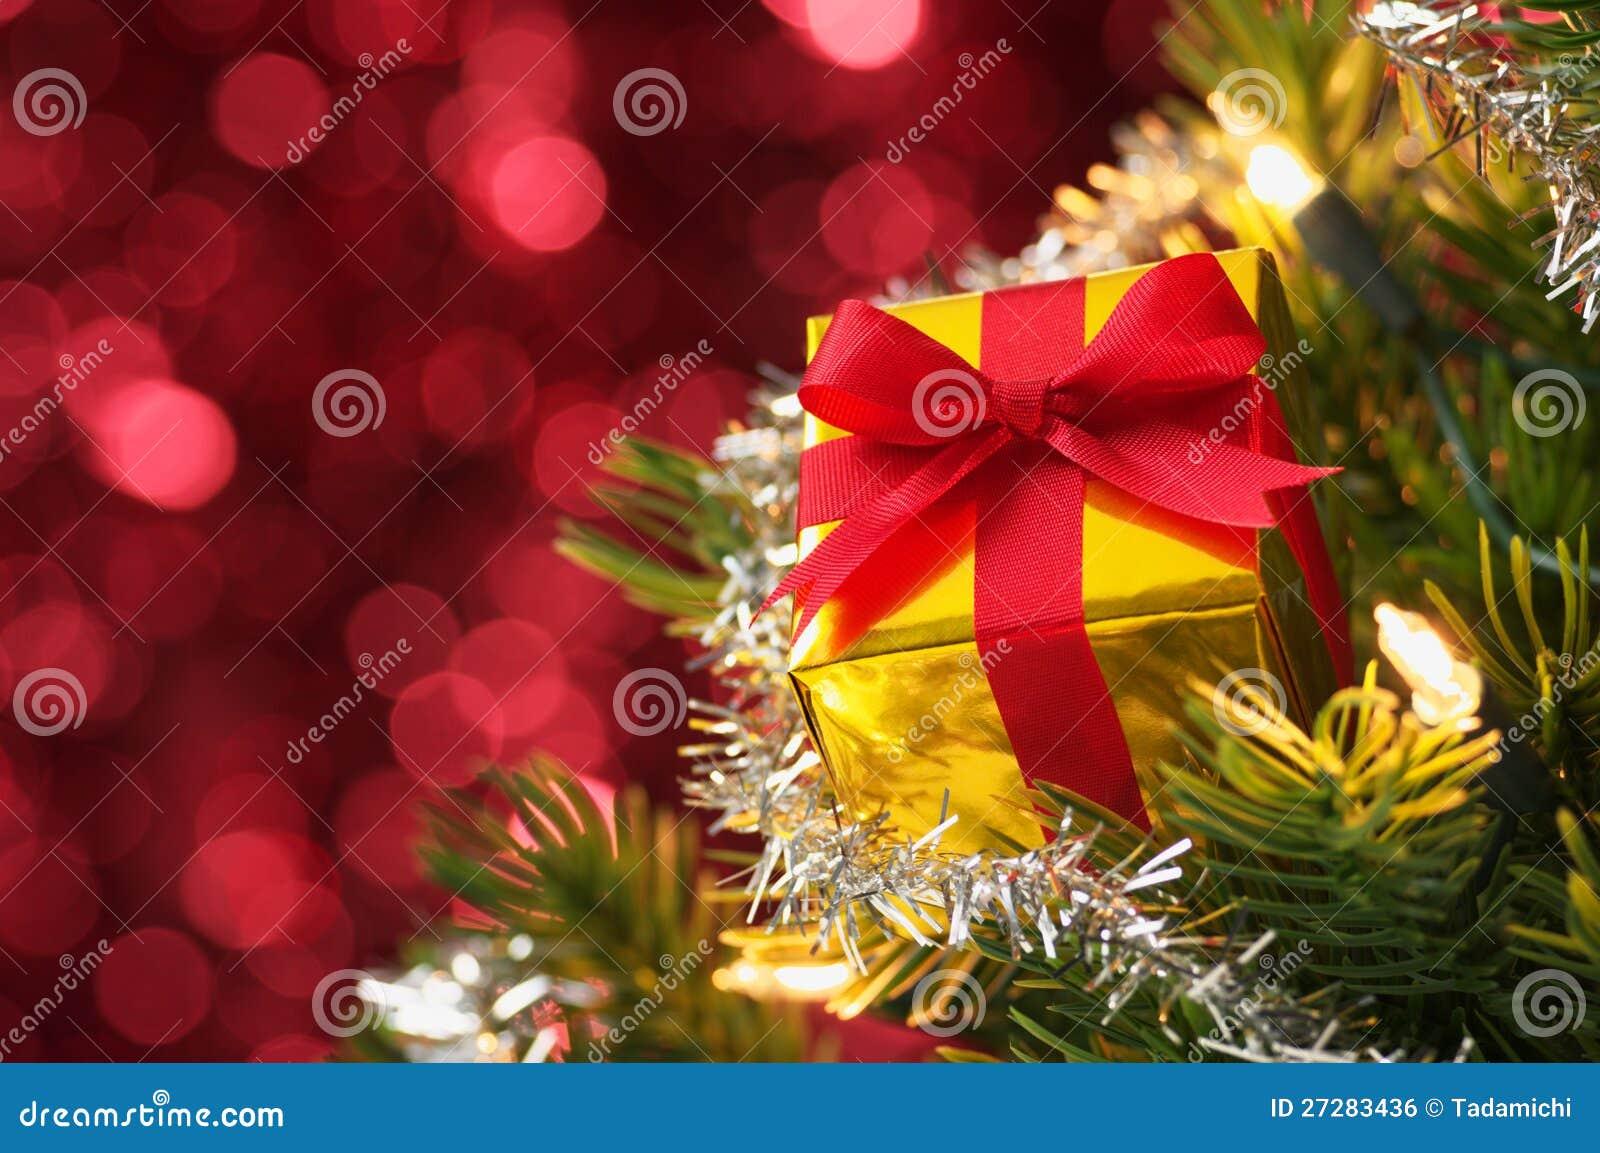 Liten gåva på julgran. (horisontal)